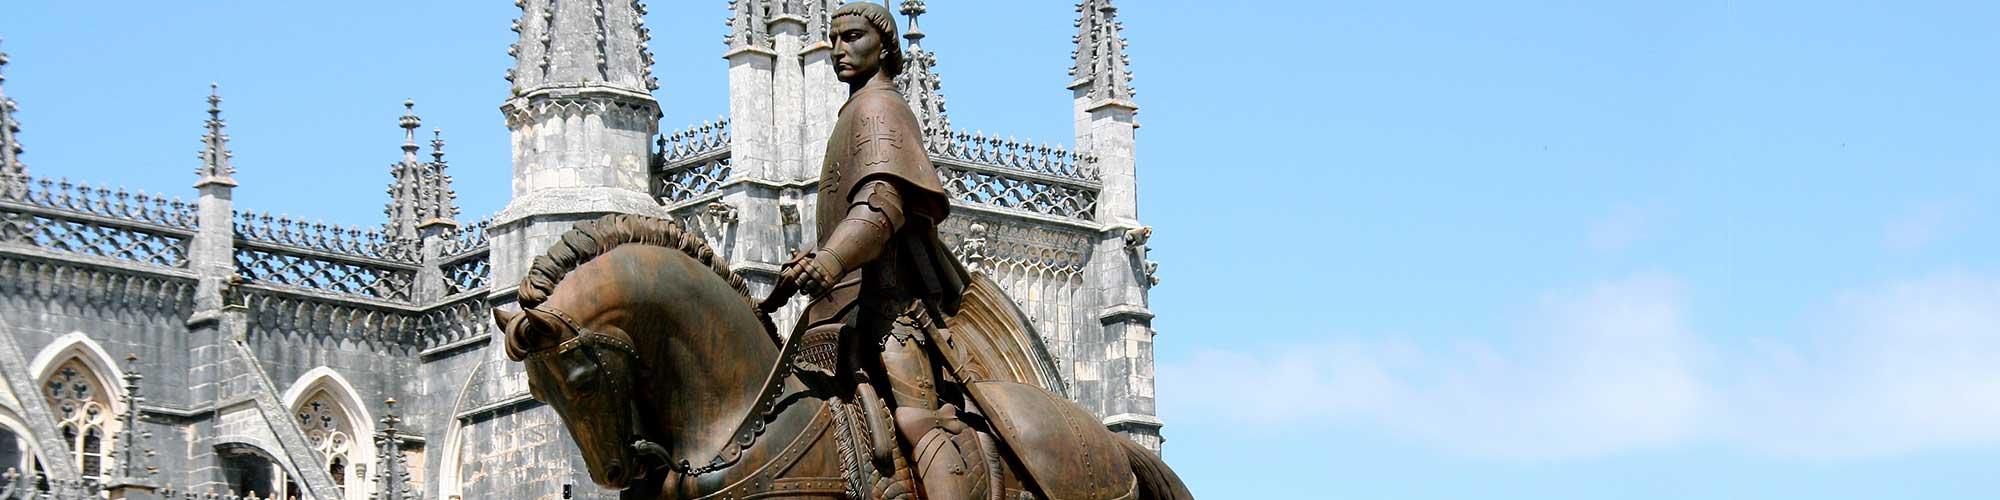 Monasterios de Portugal, las victorias de un reino - EL PAIS Viajes